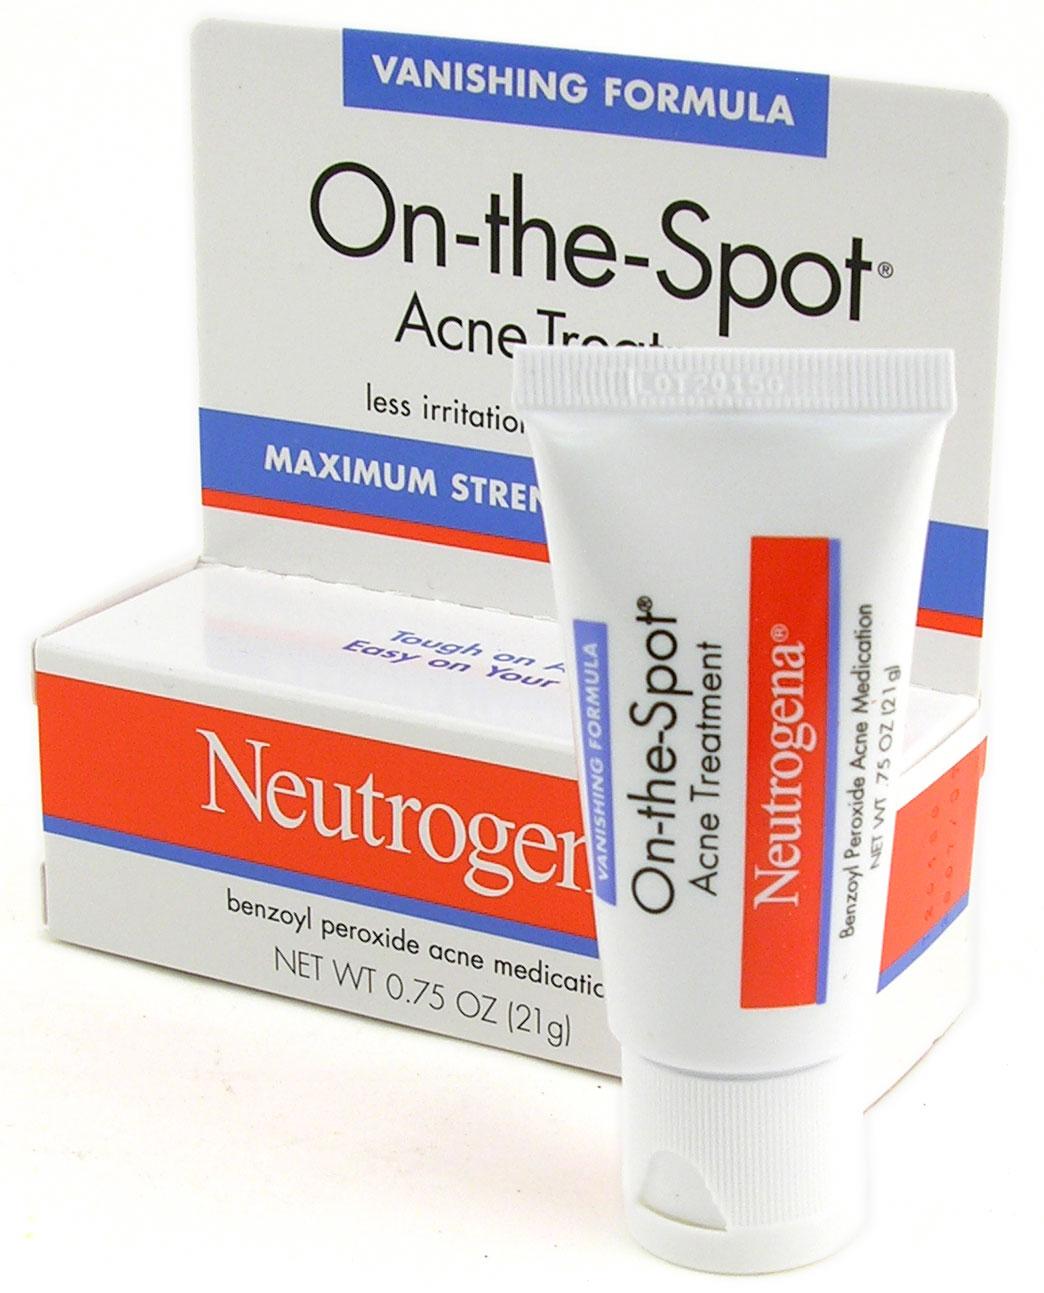 Neutrogena pimple treatment